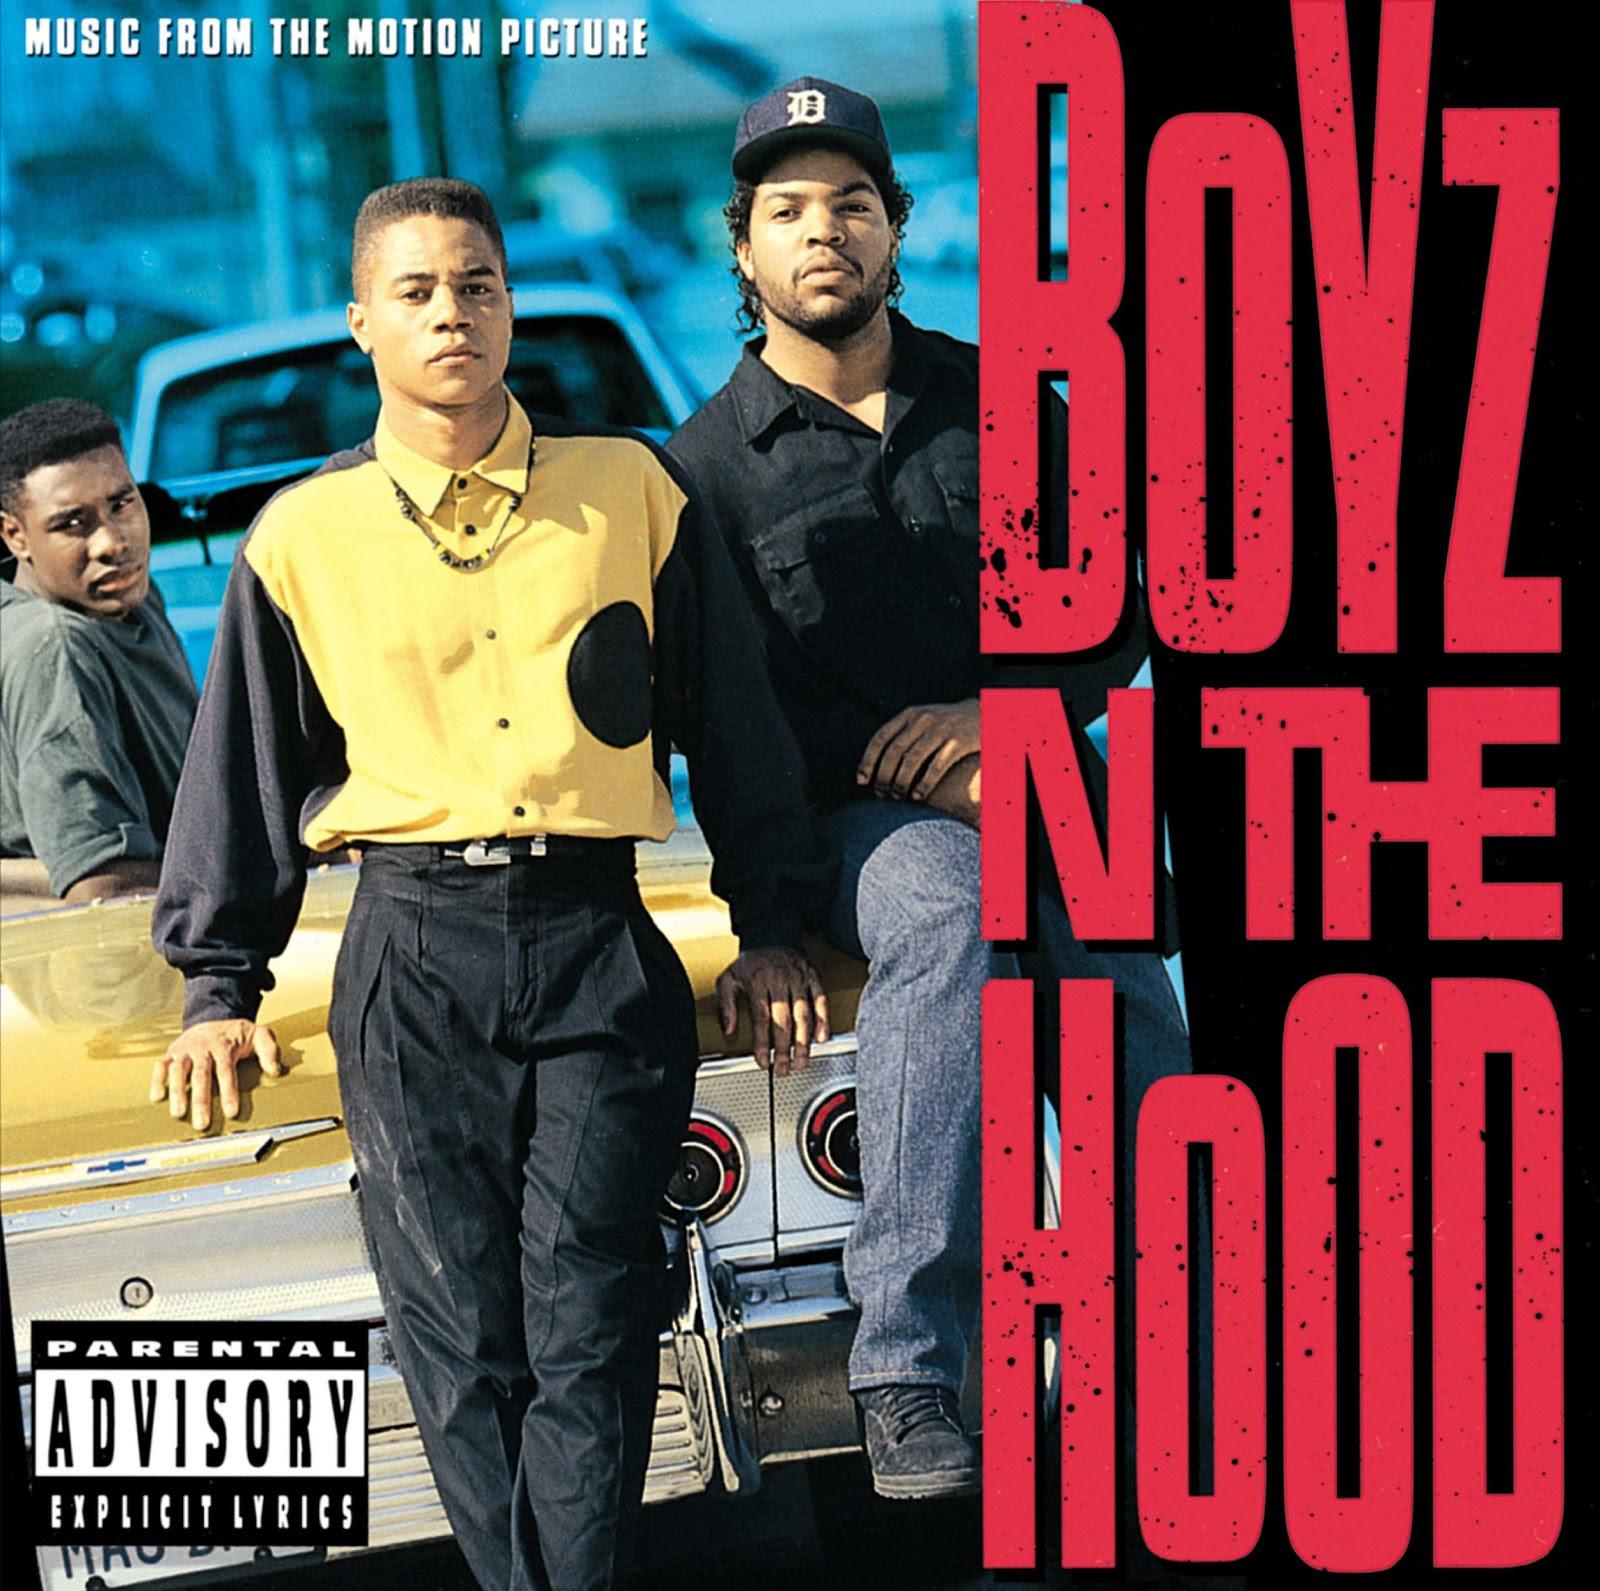 Boyz N the Hood soundtrack vinyl reissue